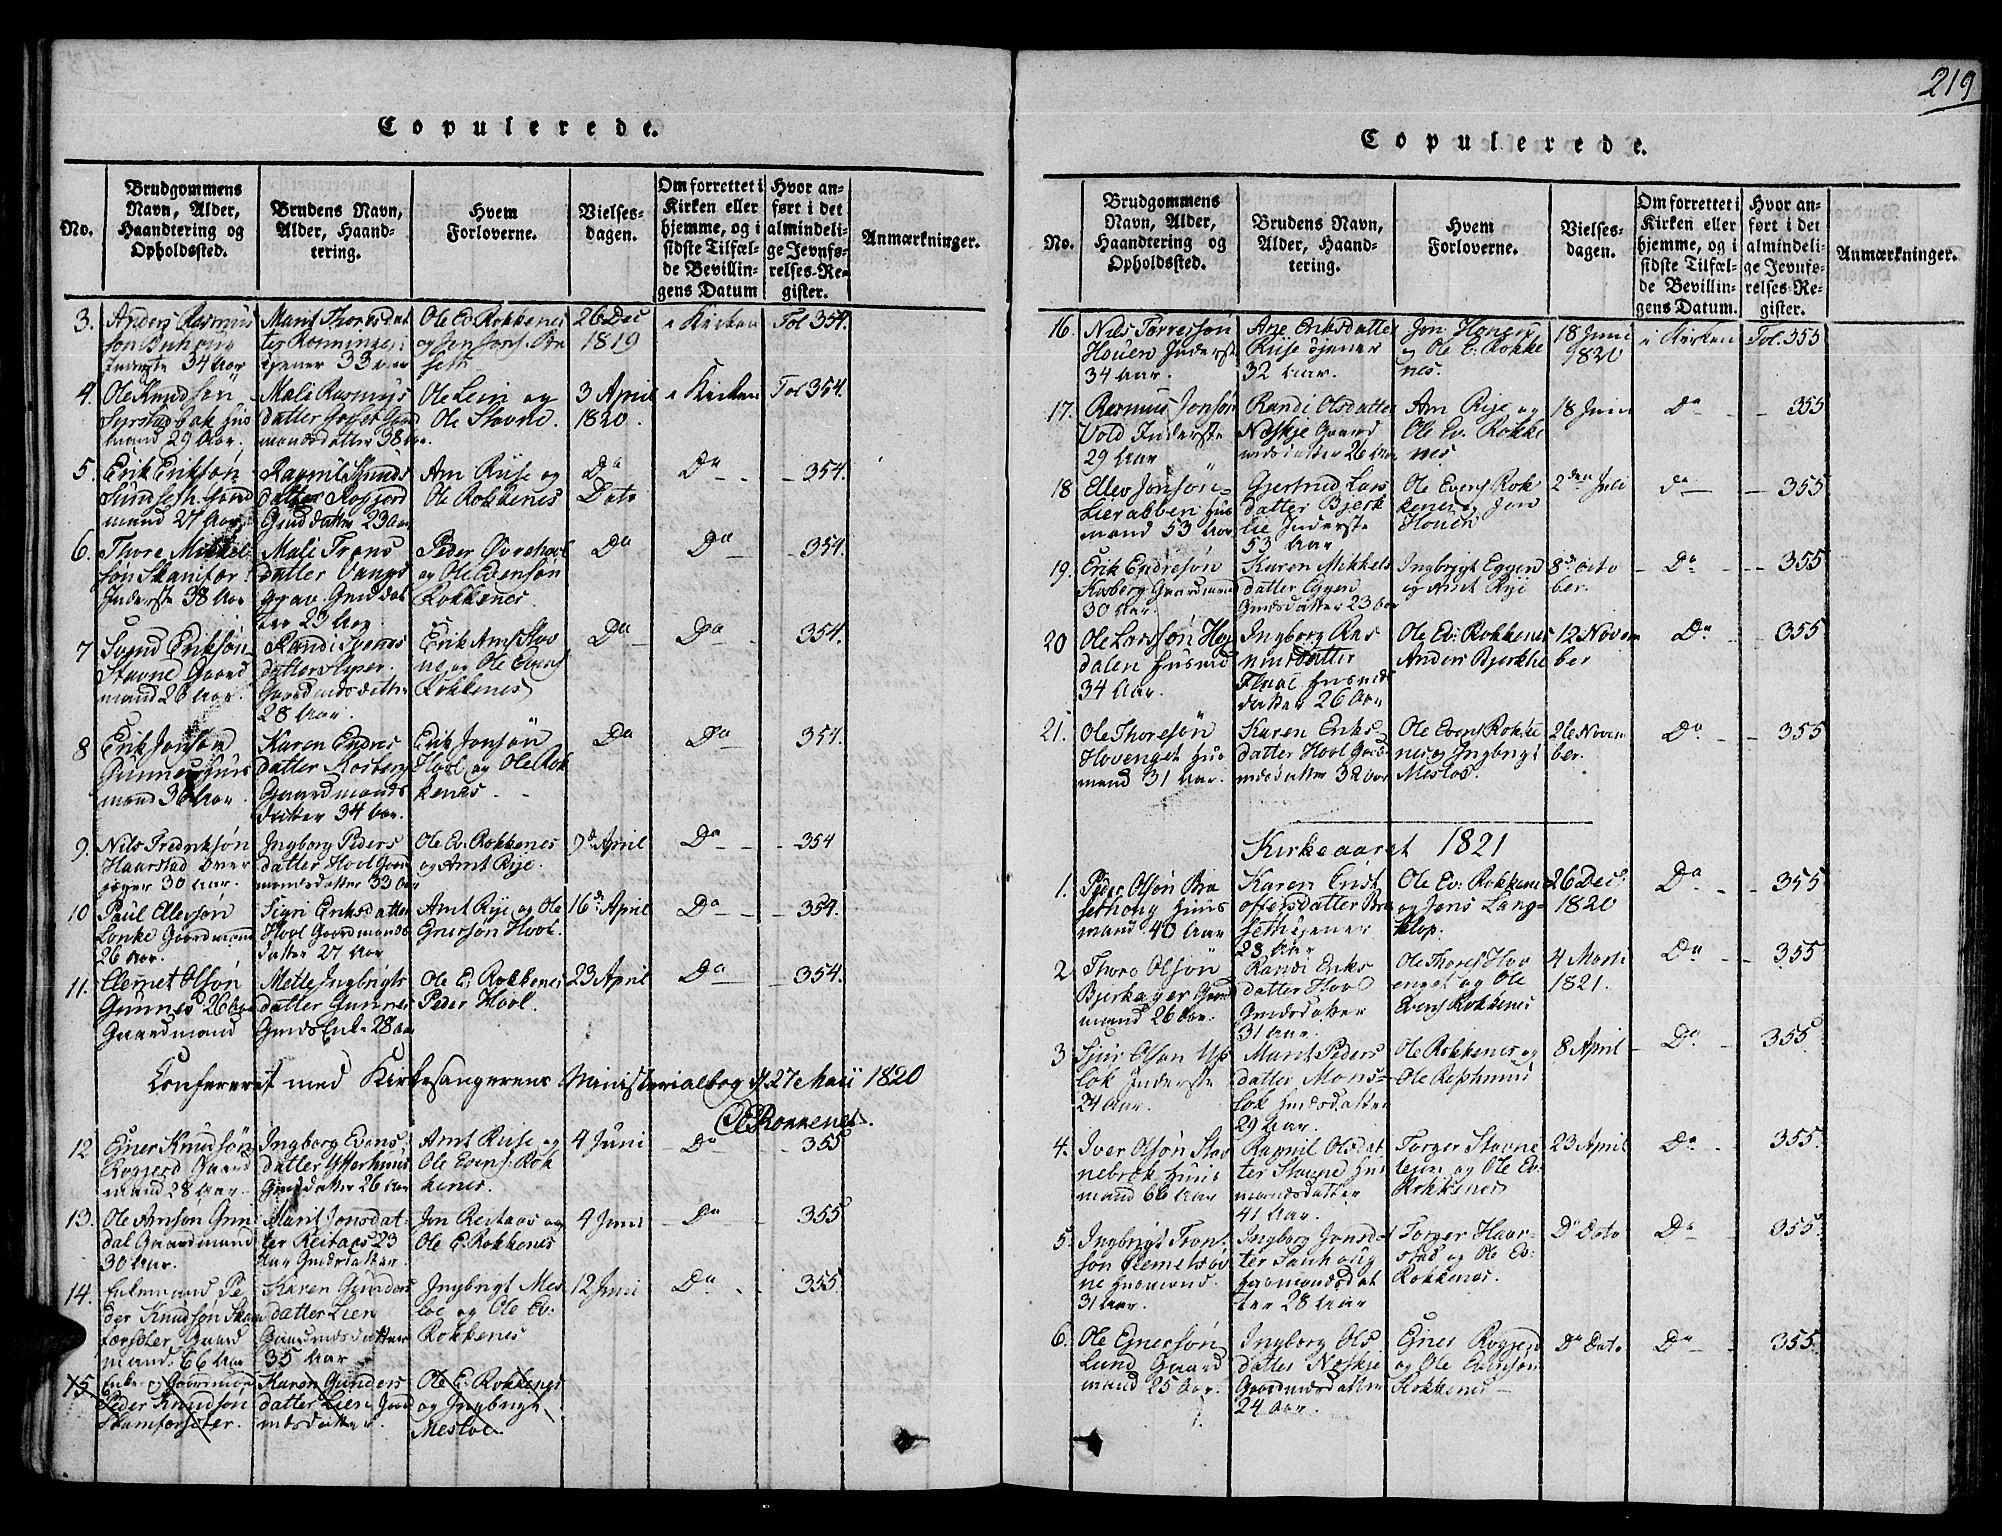 SAT, Ministerialprotokoller, klokkerbøker og fødselsregistre - Sør-Trøndelag, 672/L0854: Ministerialbok nr. 672A06 /2, 1816-1829, s. 219